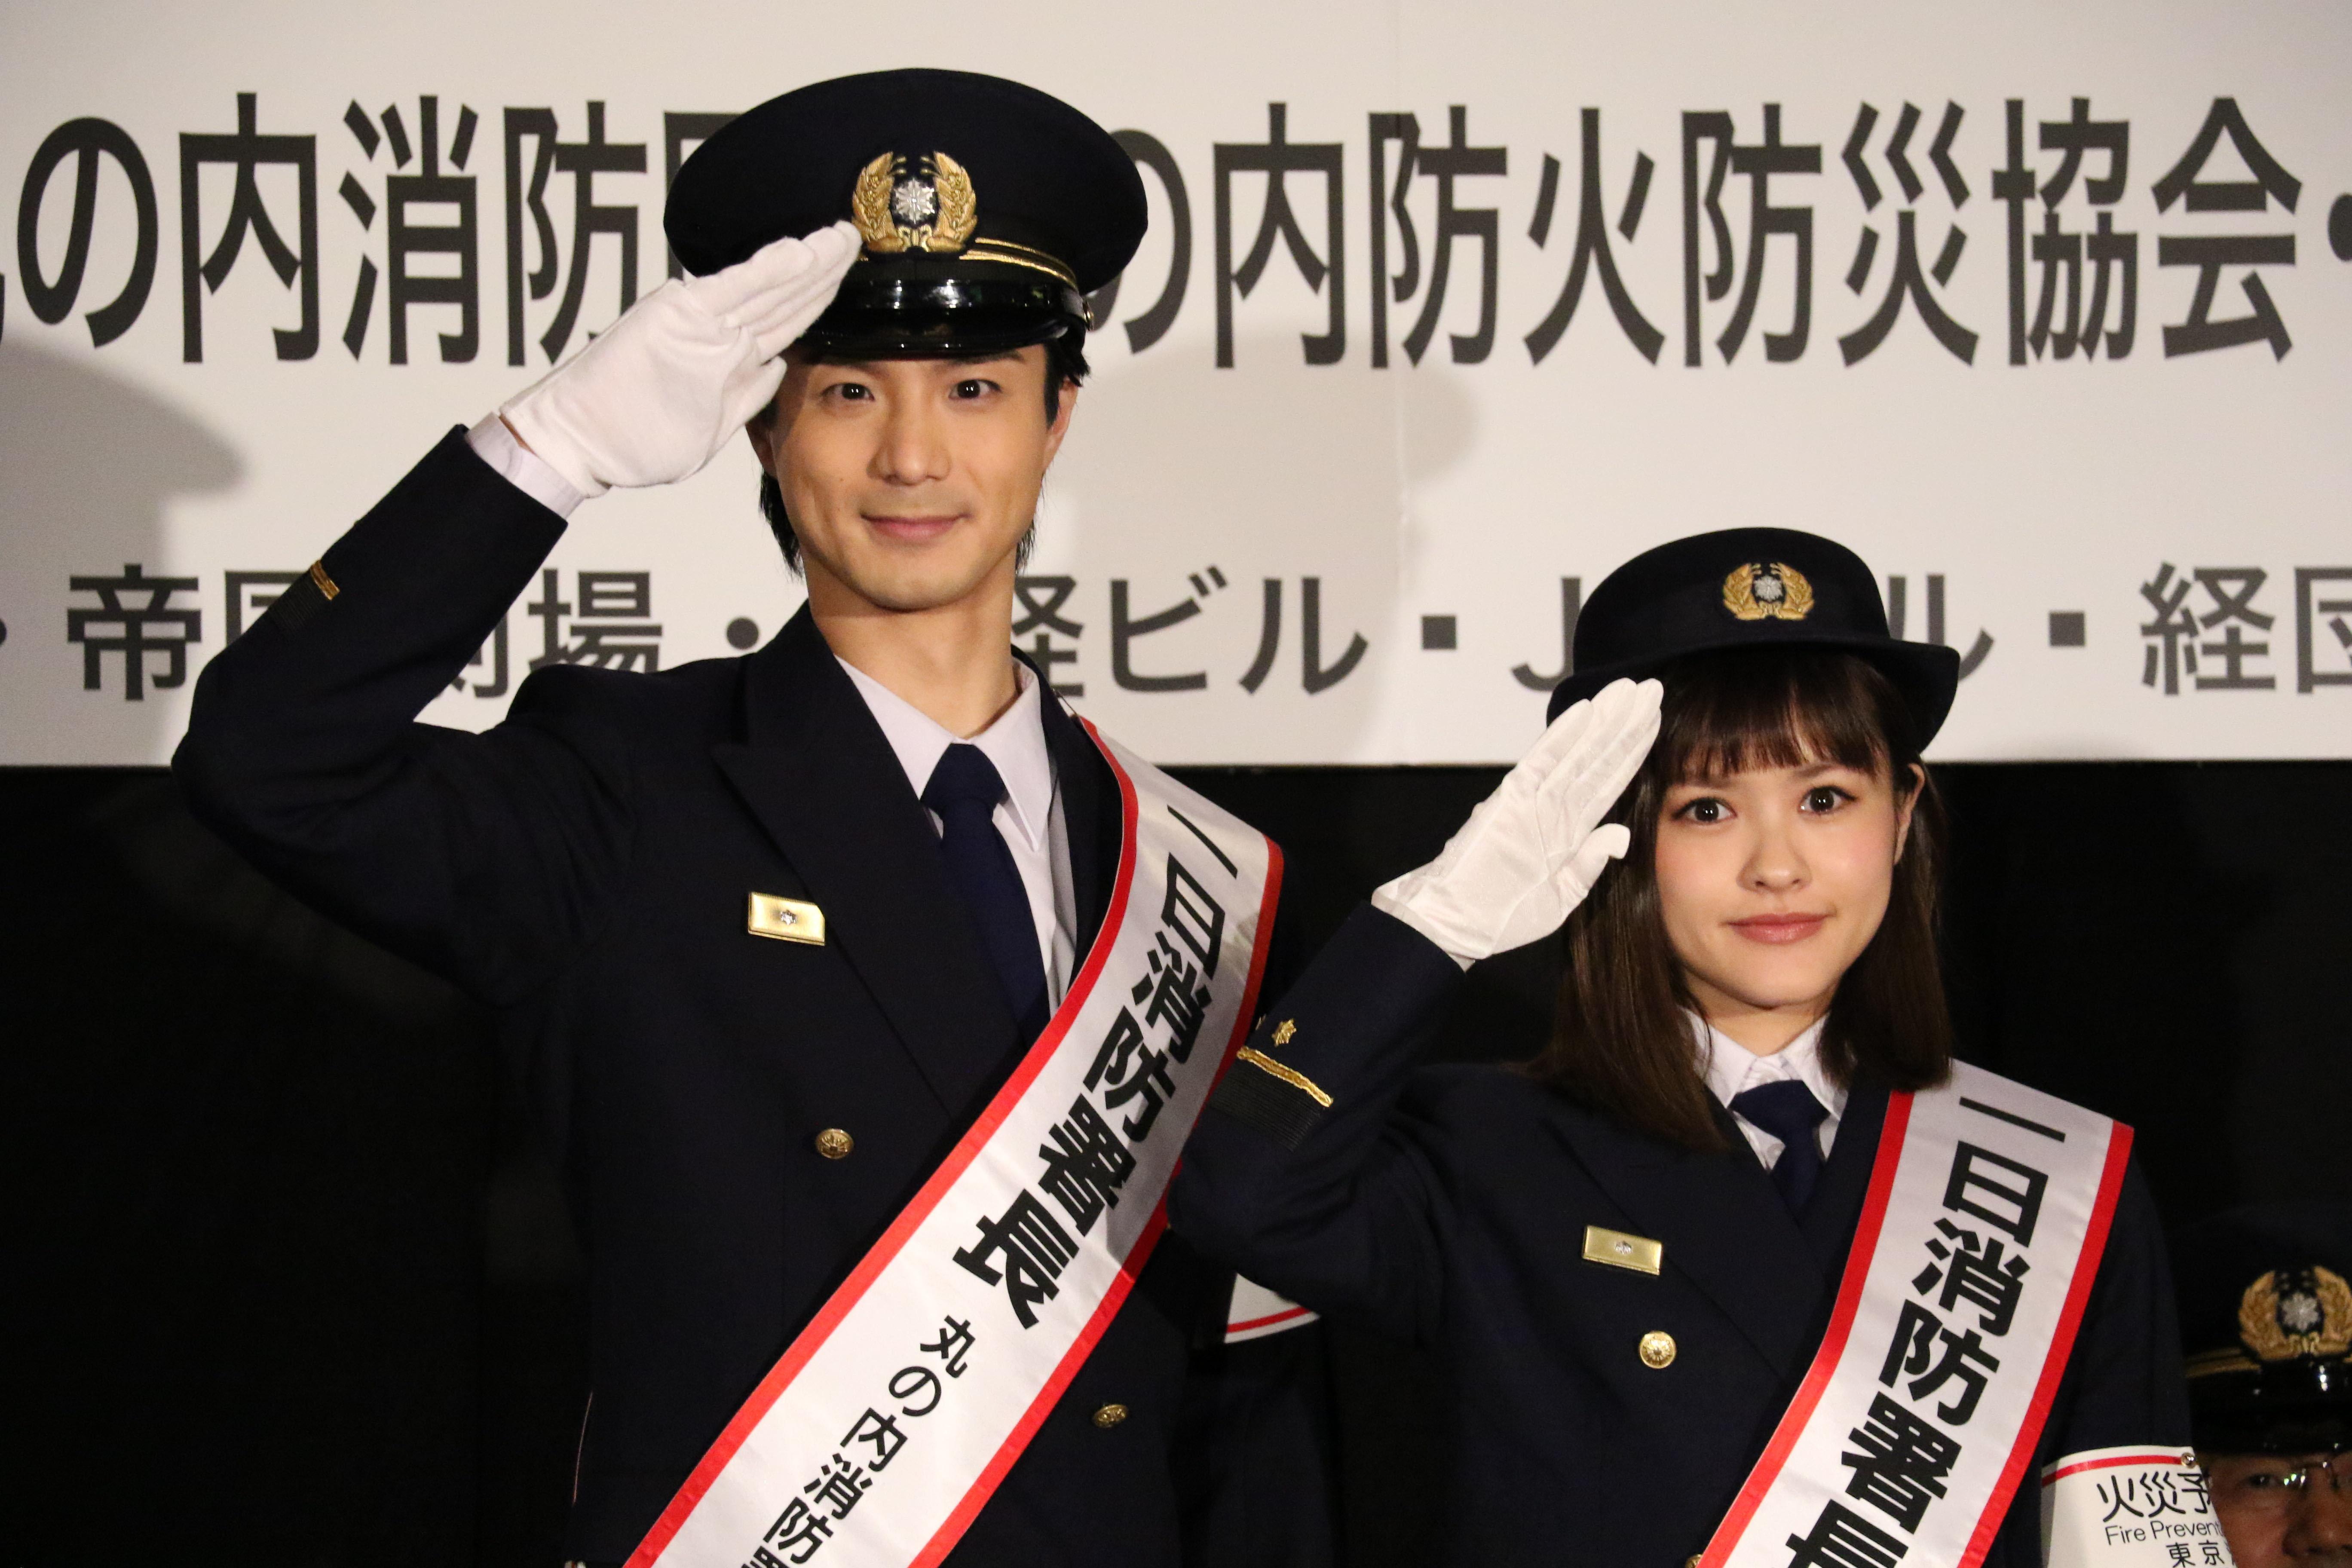 敬礼のポーズを決める田代万里生と昆夏美